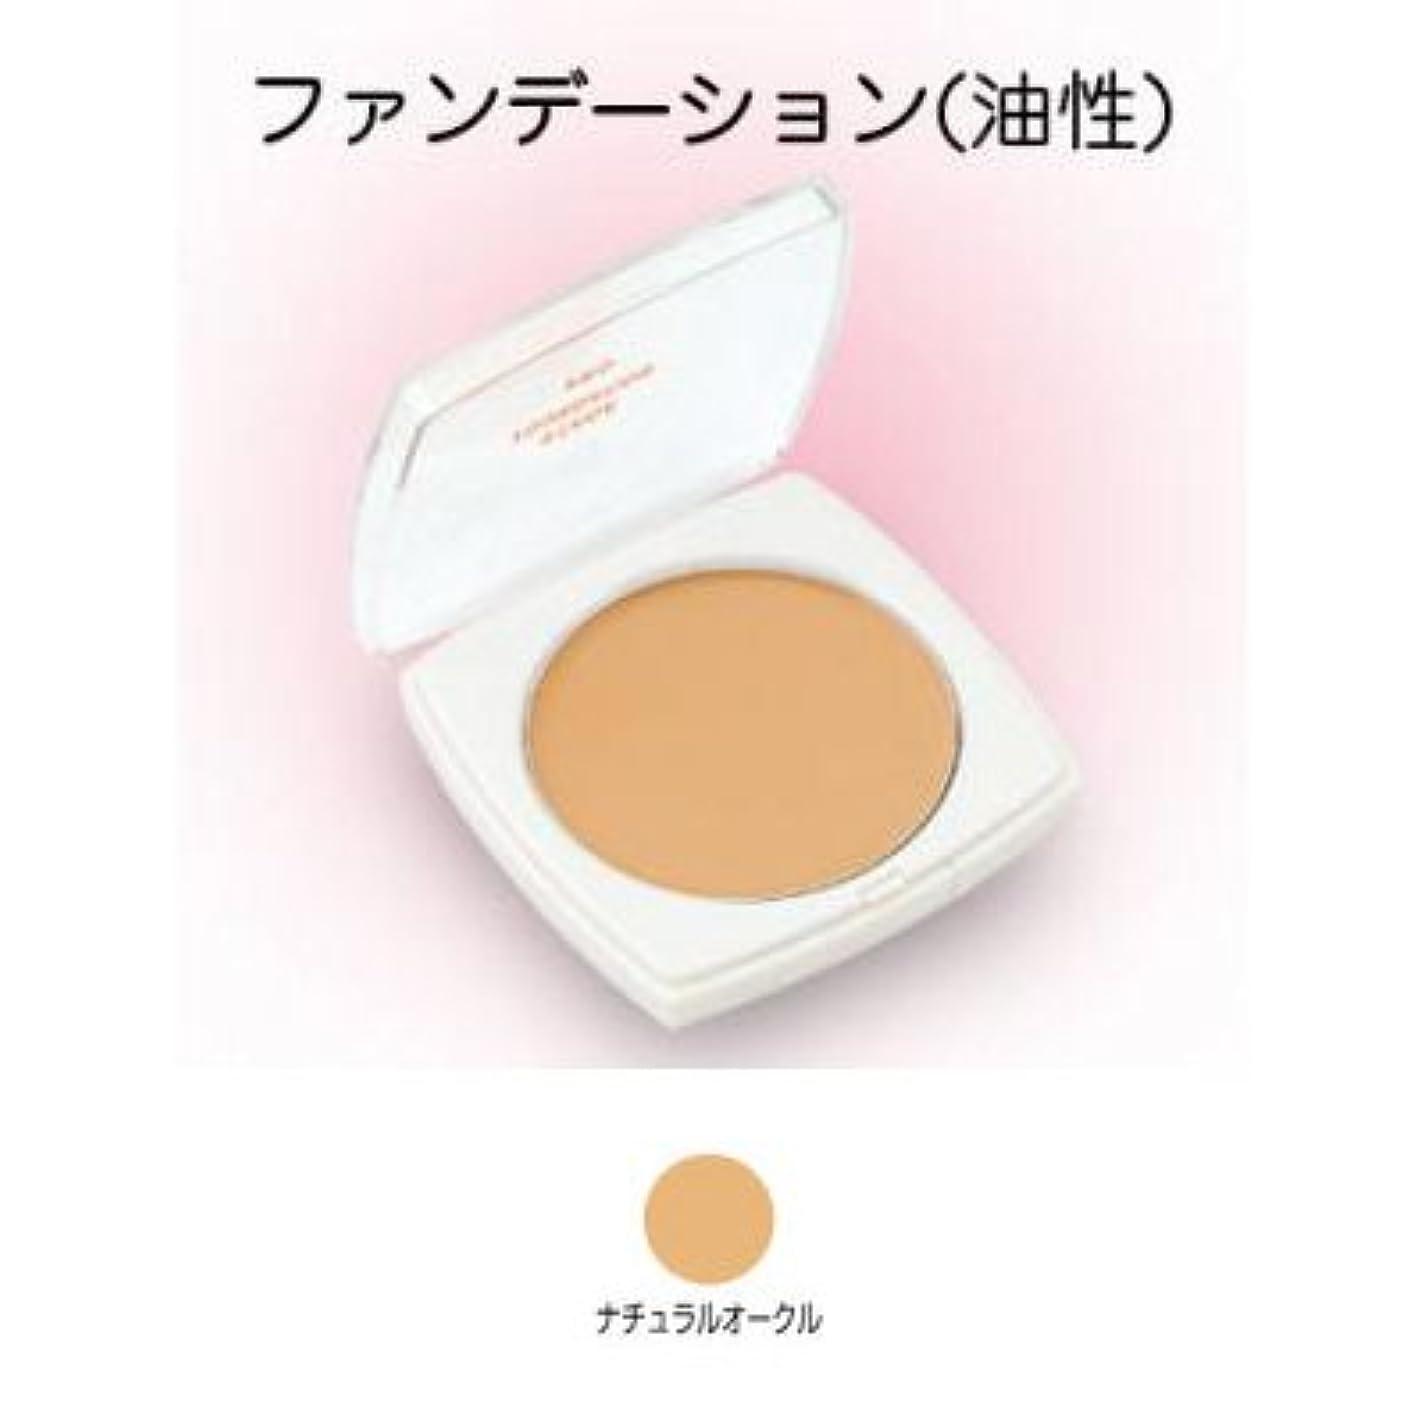 コミットジャンクション急降下ステージファンデーション プロ 13g ナチュラルオークル 【三善】